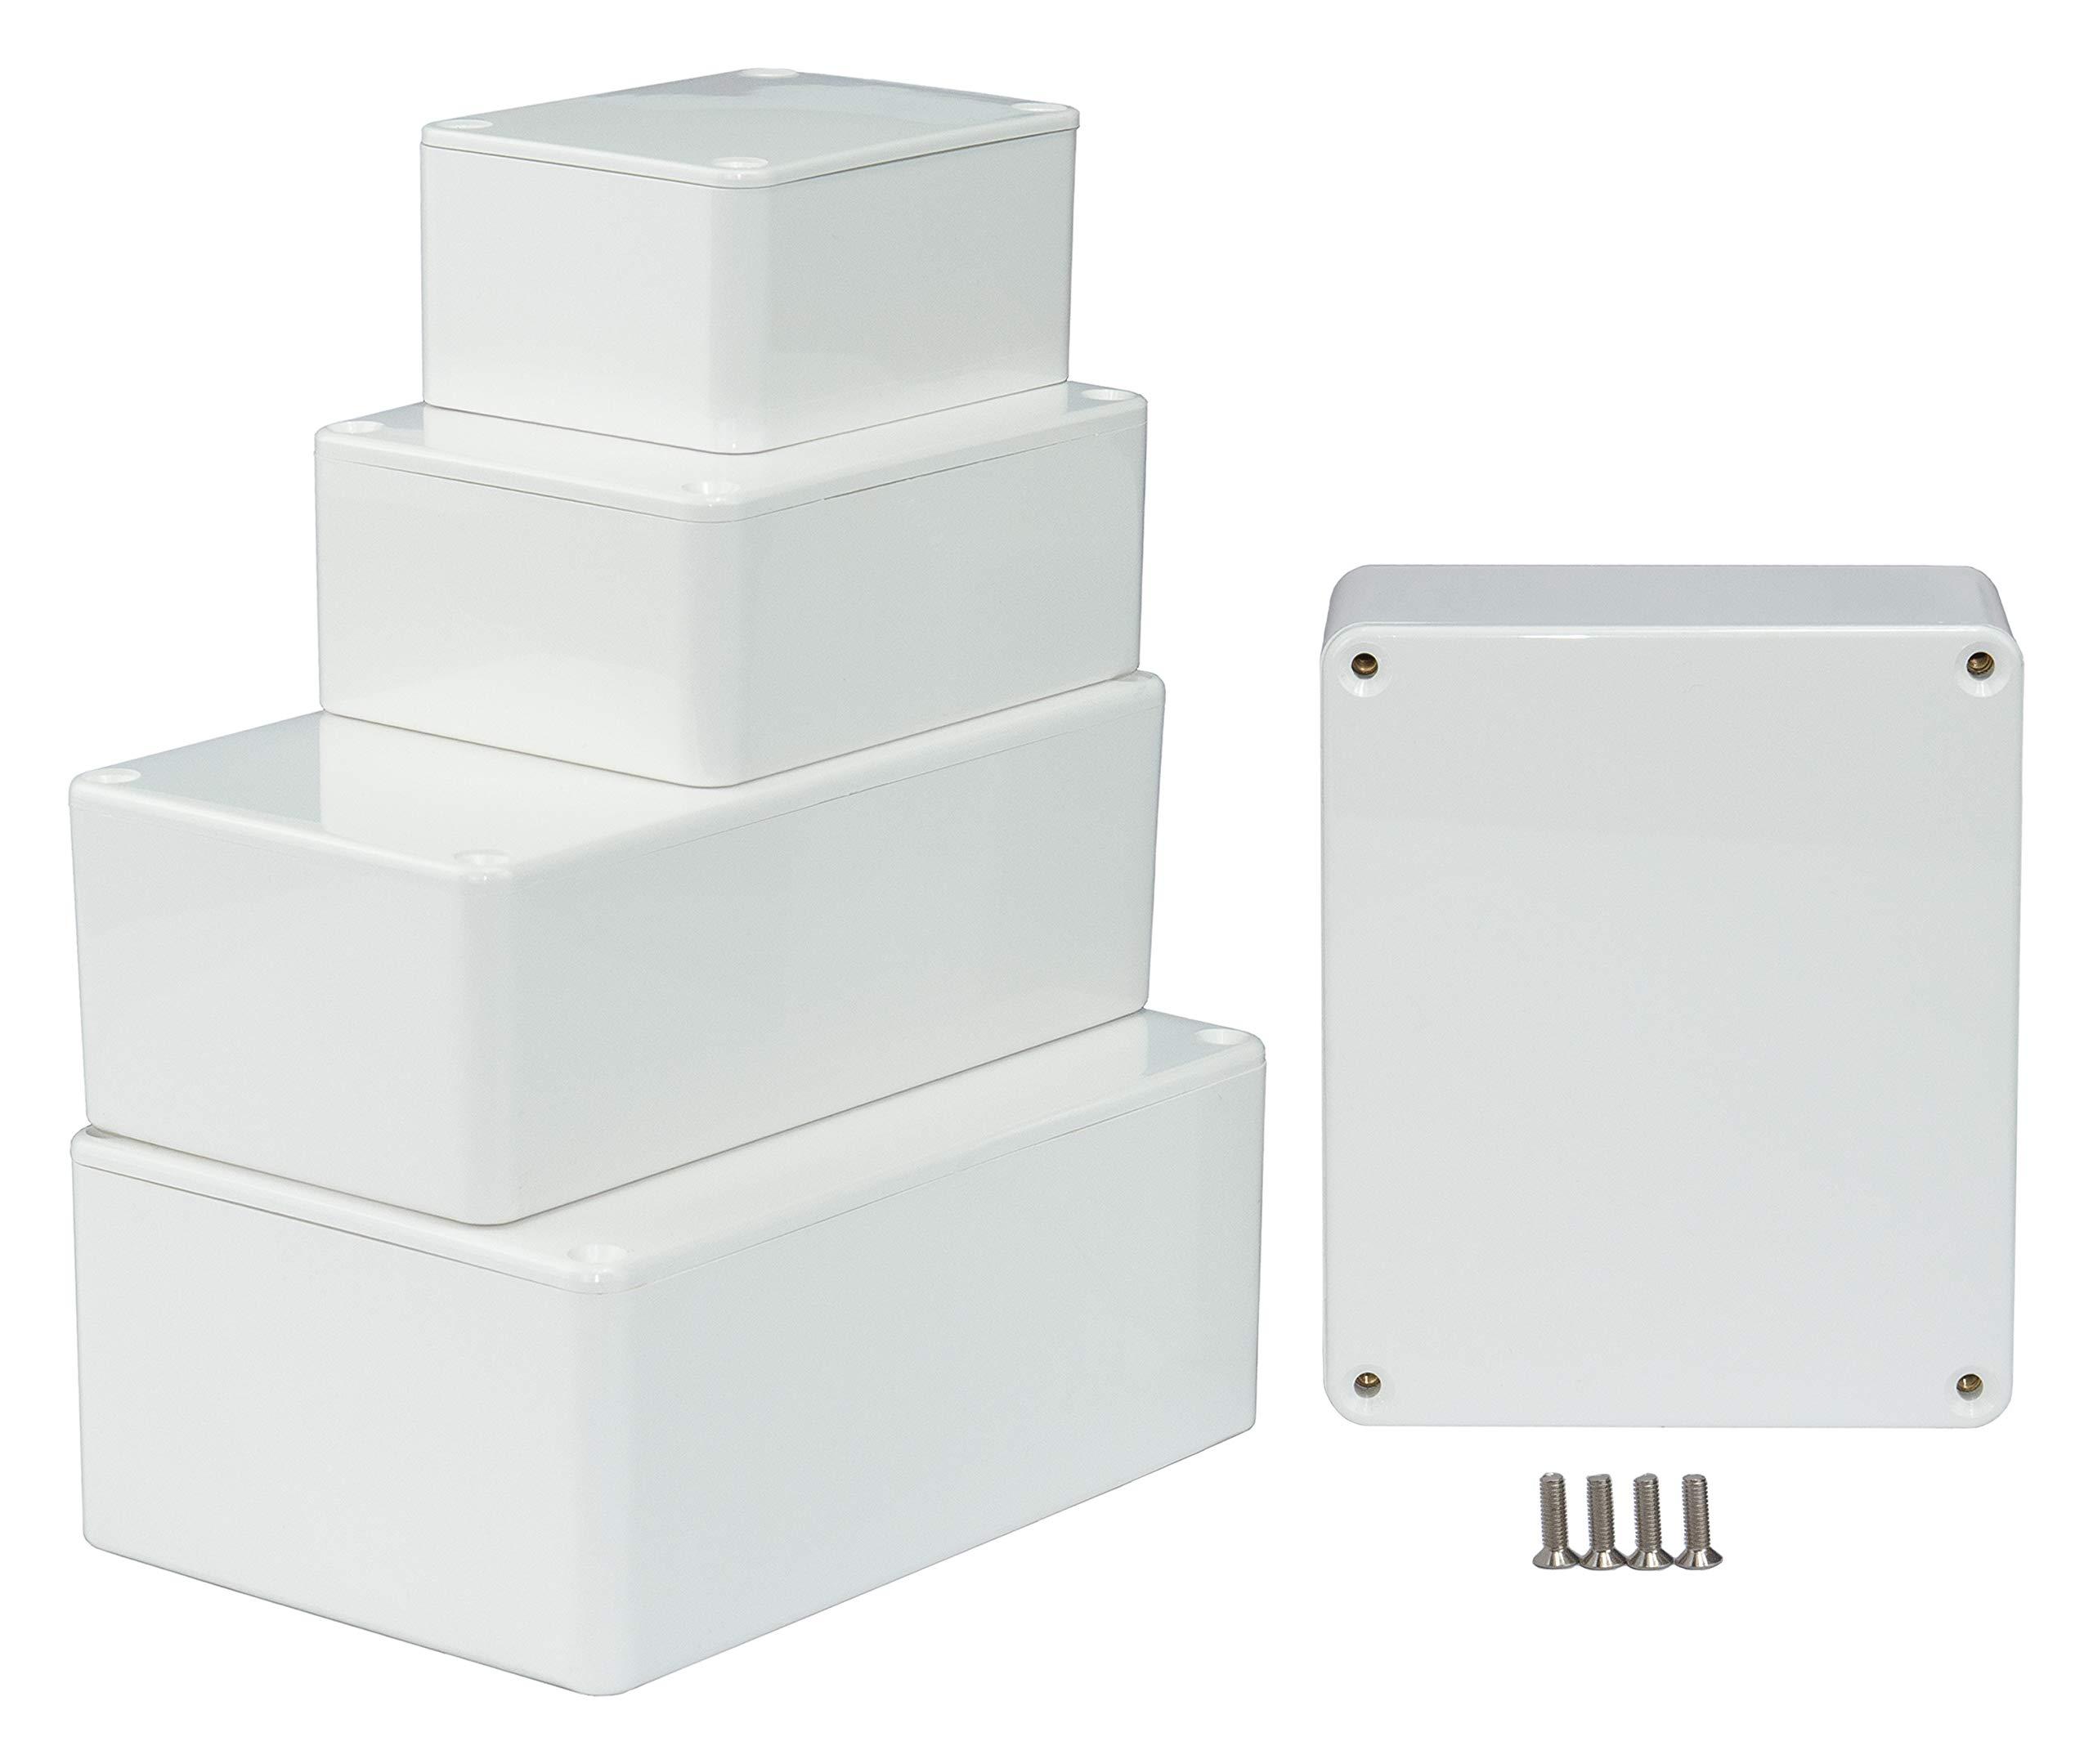 MB2W - Caja de plástico ABS con Tapa, Caja Multiusos, Caja de módulos, (LxAxA) 100 x 76 x 40 mm, con Ranuras para Placas de Circuito (Costillas), Blanco: Amazon.es: Electrónica